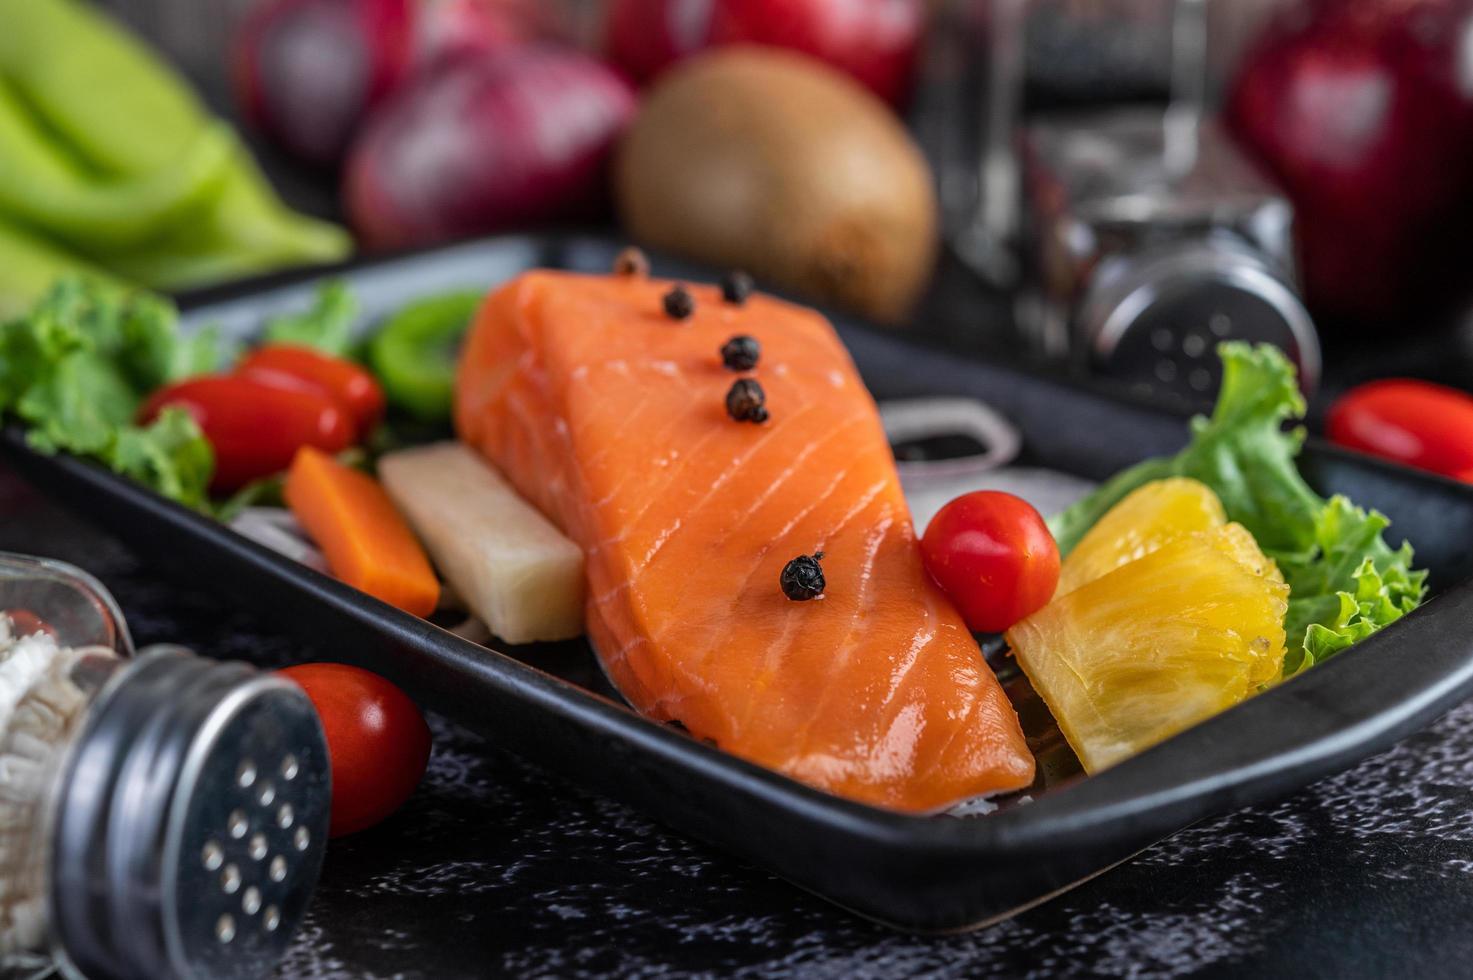 filé de salmão cru com pimenta, kiwi, abacaxi e alecrim foto